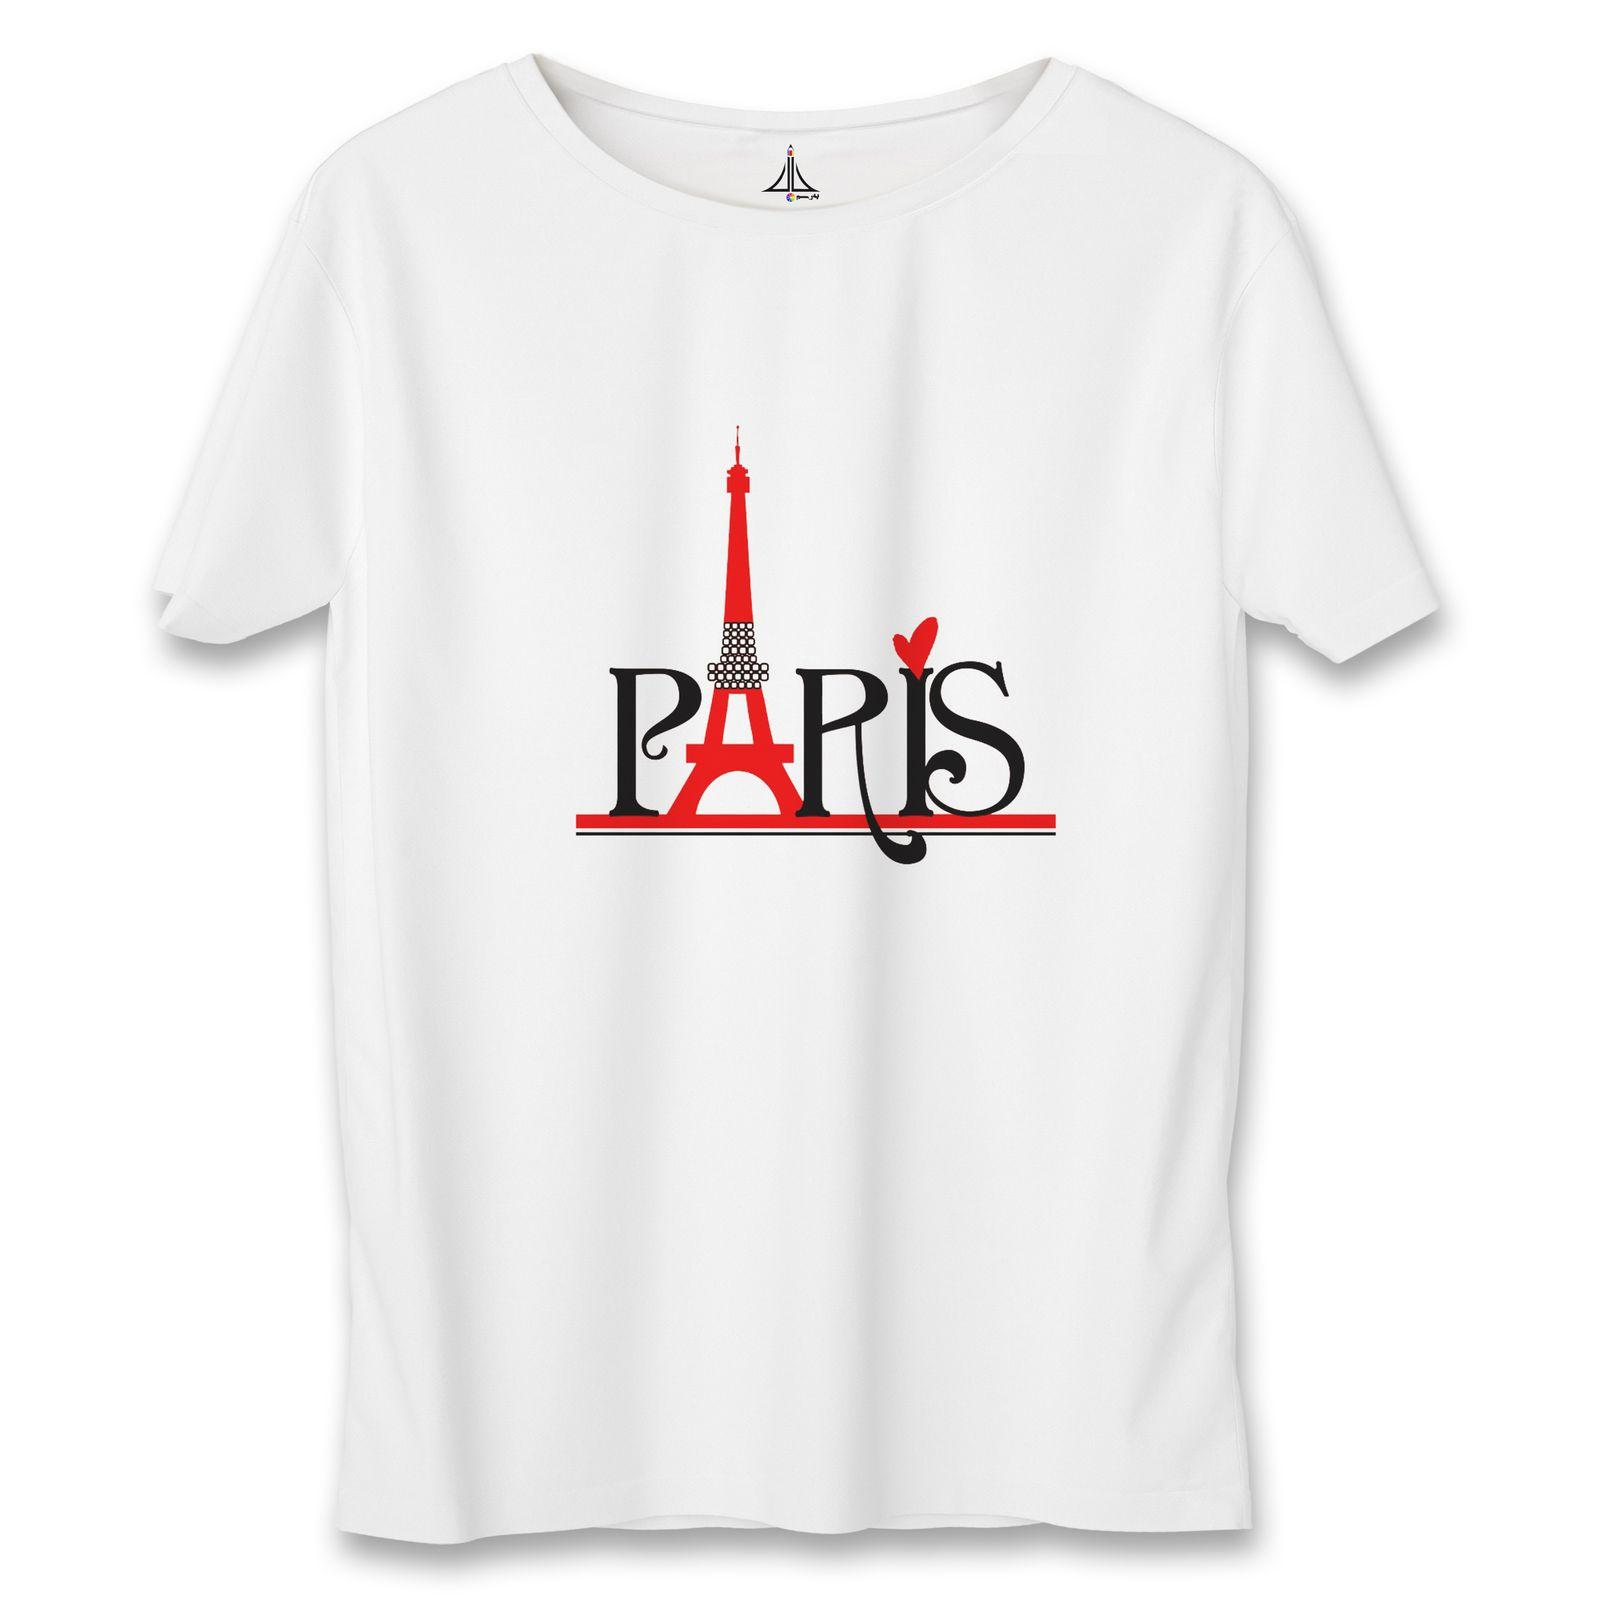 تی شرت مردانه به رسم طرح پاریس کد 3376 -  - 5